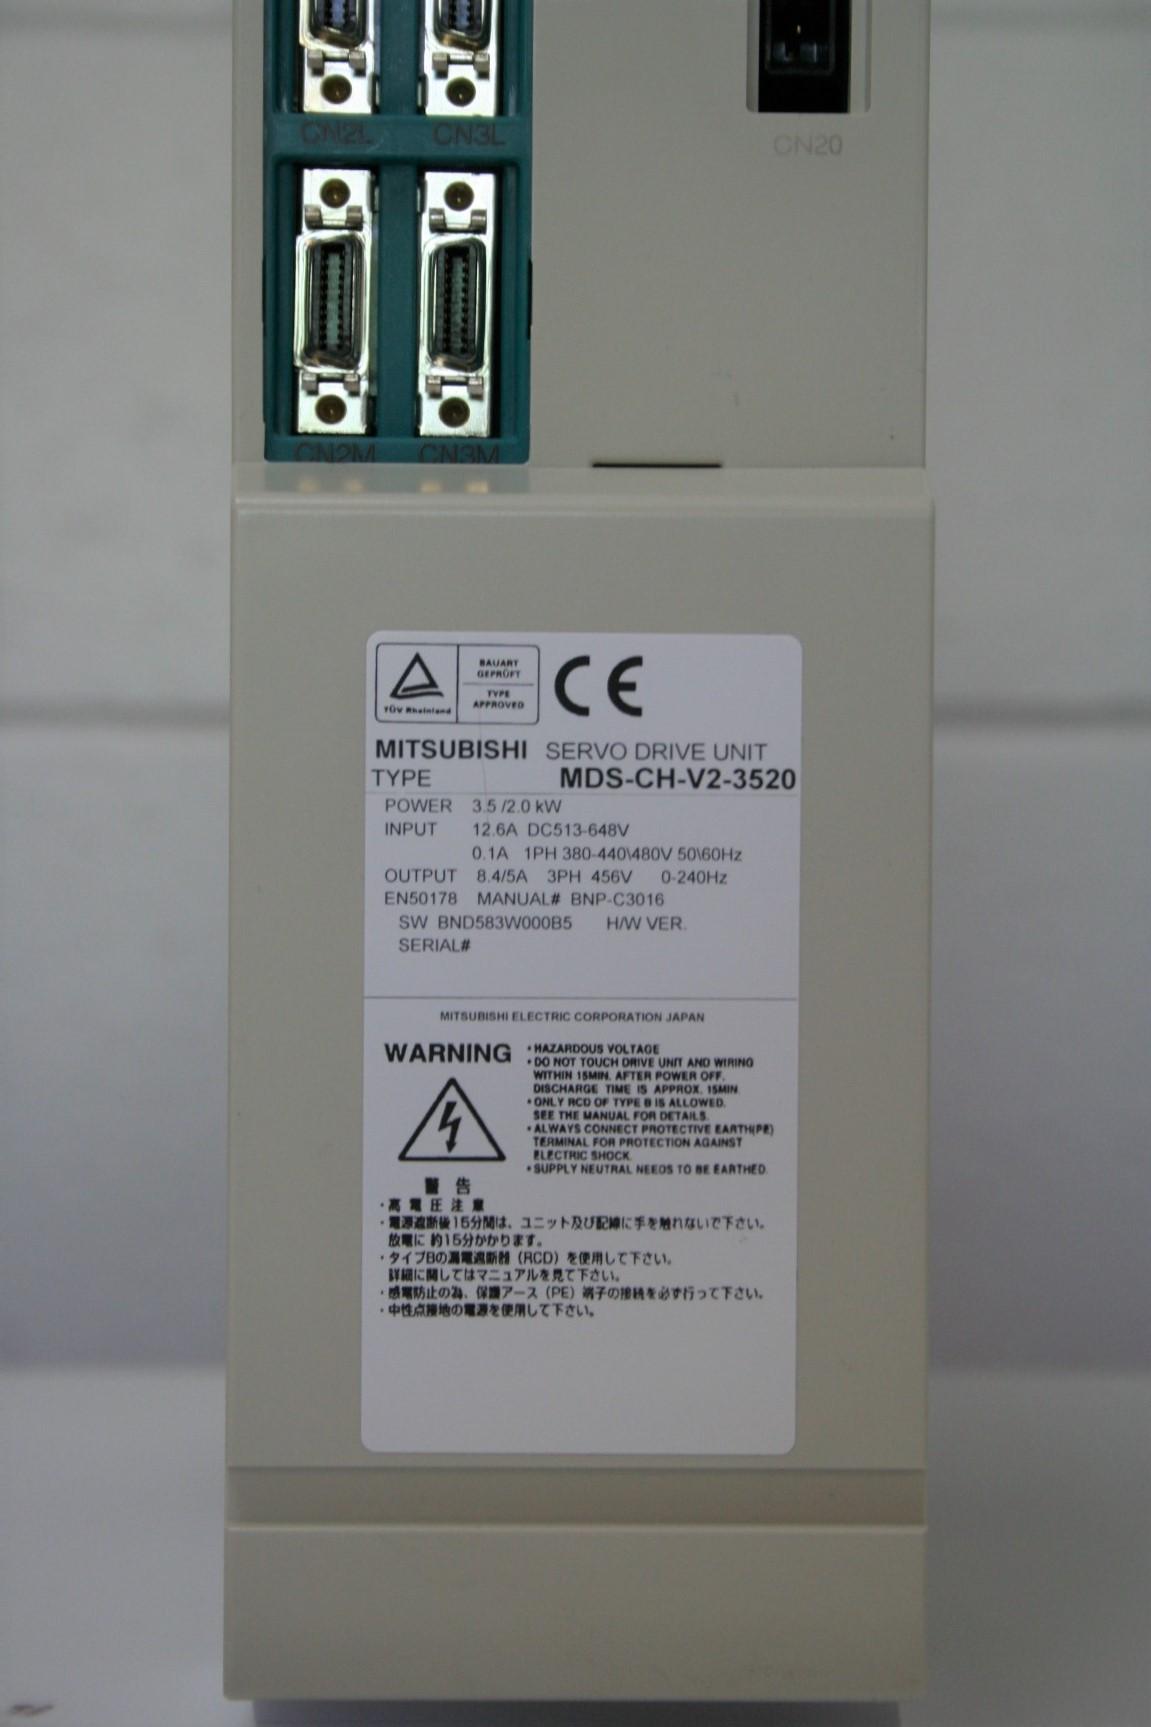 MDS-CH-V2-3520